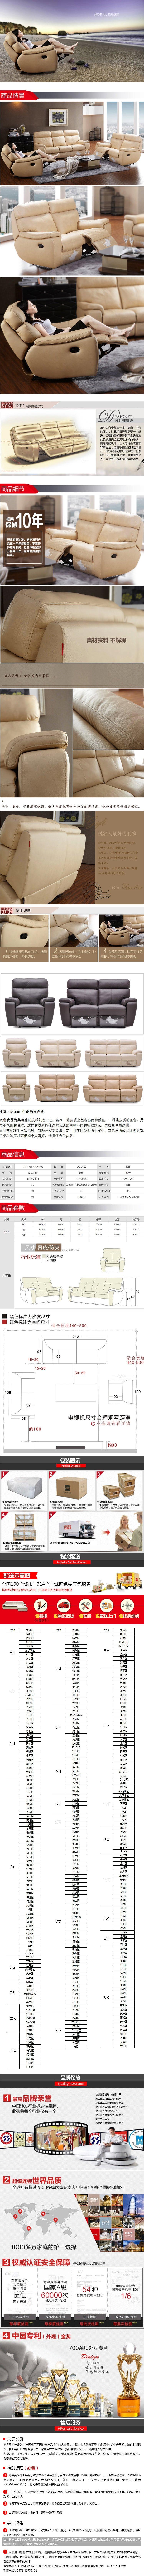 简约现代欧式功能沙发组合真皮沙发奶白色